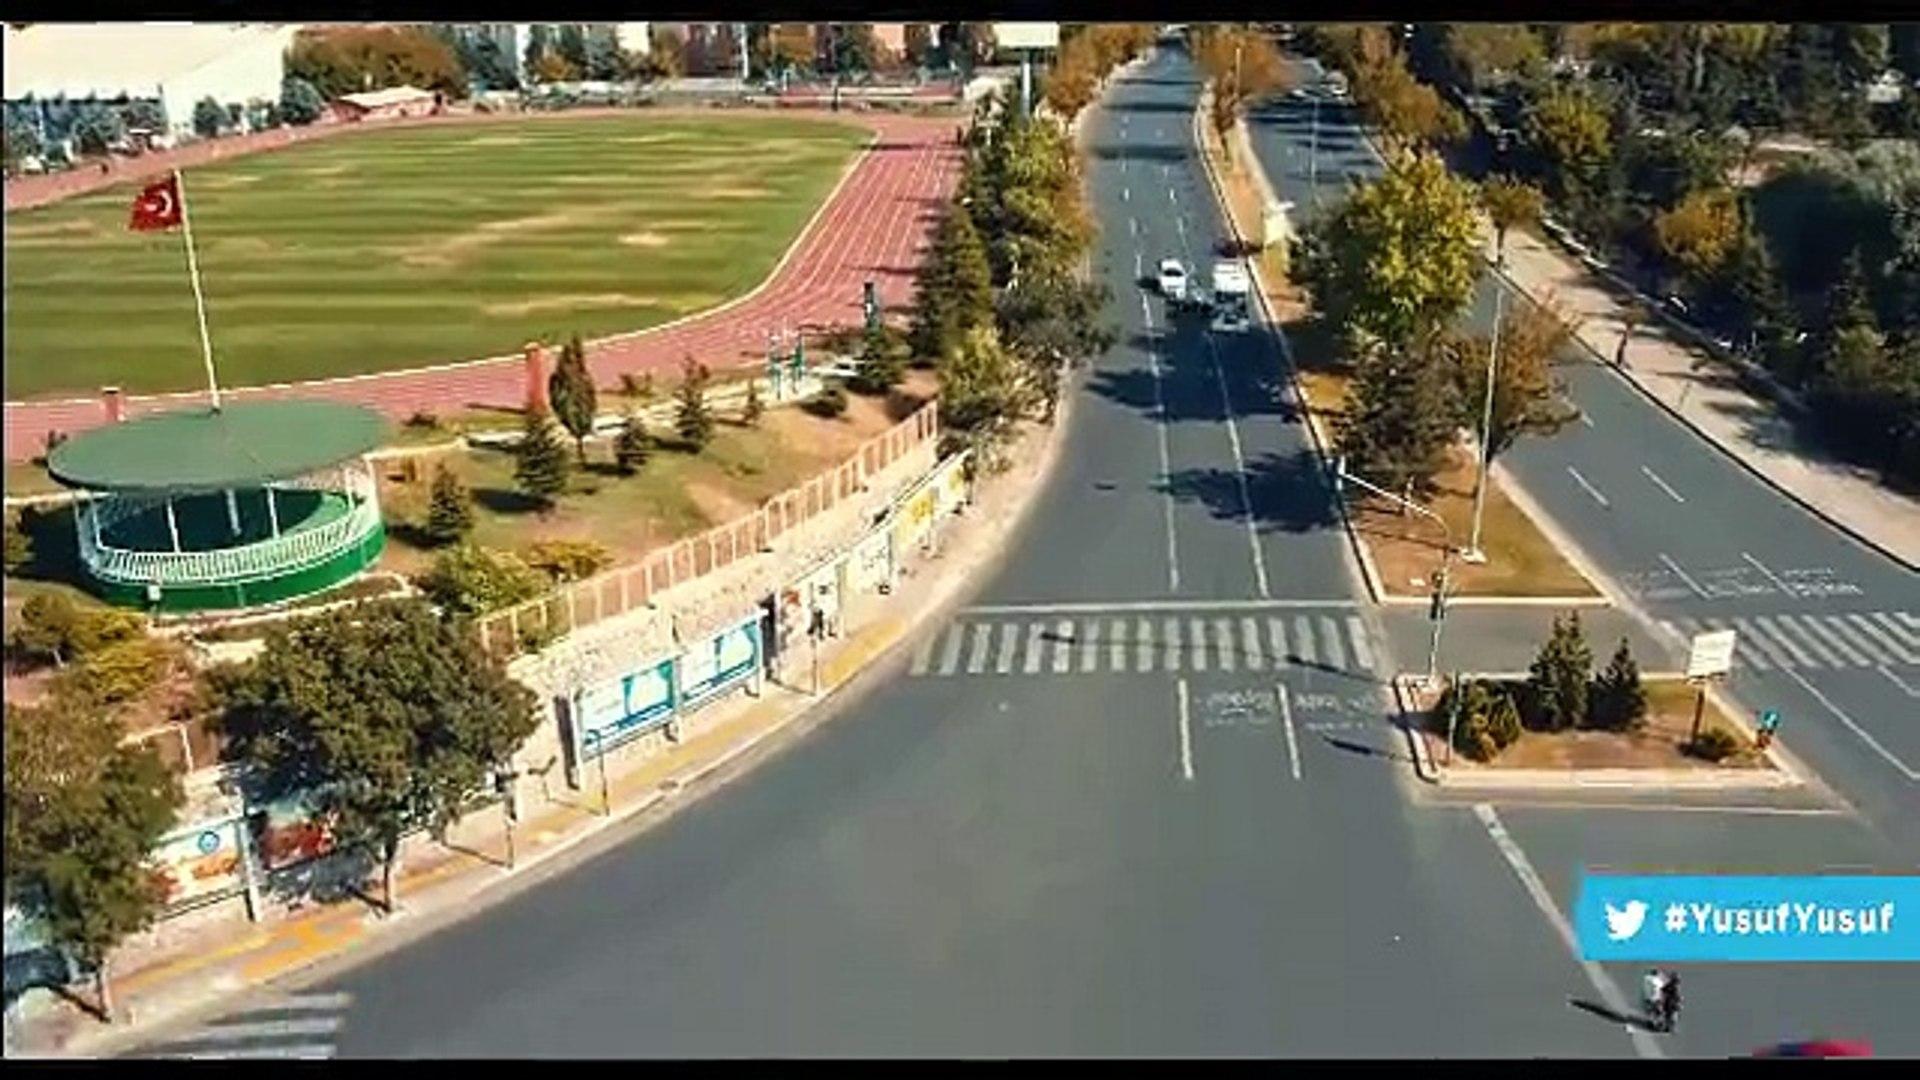 Ankara Macerası Yusuf Yusuf Filmi Fragmanı izle